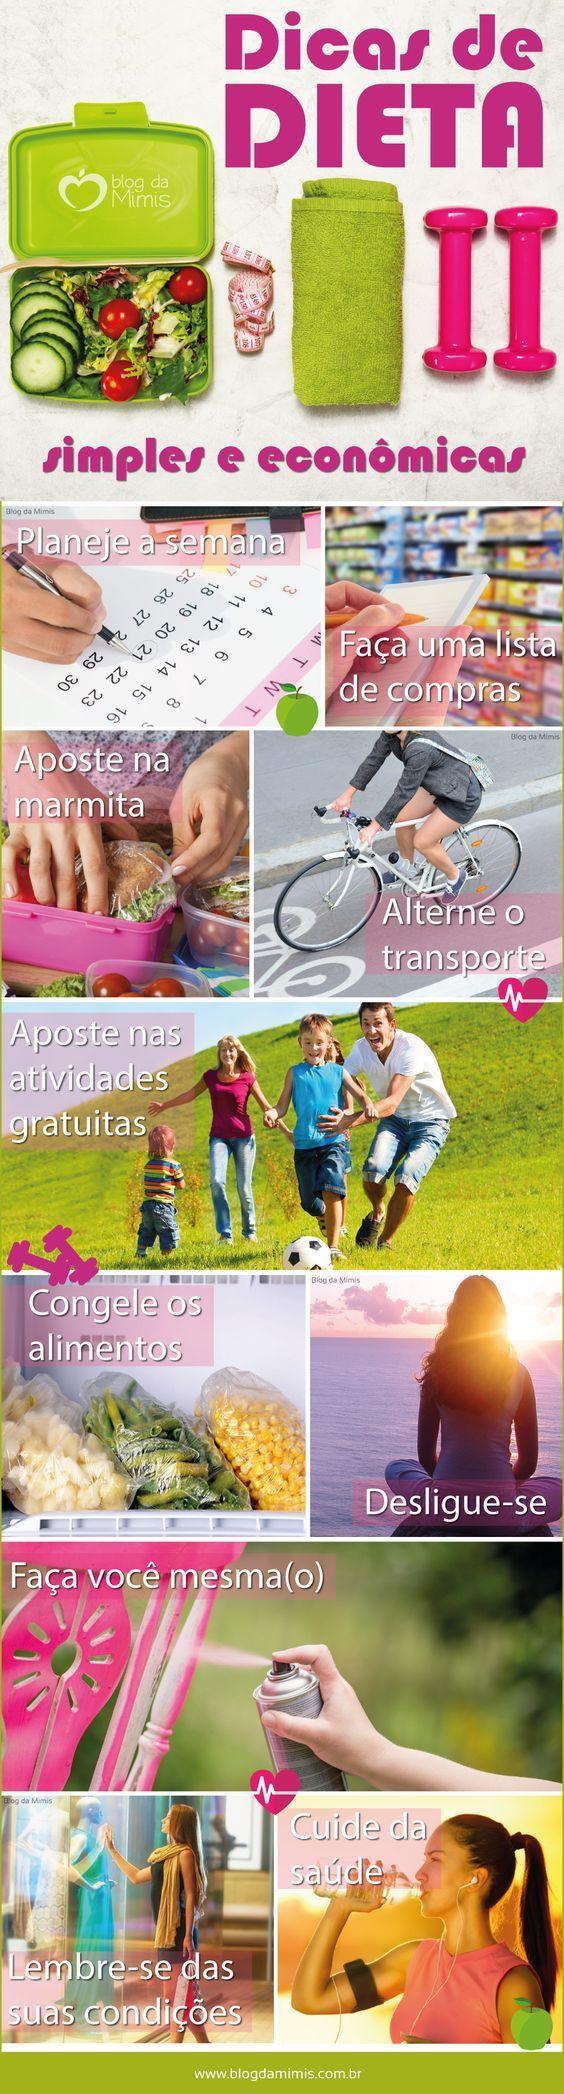 Emagreça com dieta simples e econômica - Blog da Mimis #infográfico #blogdamimis #saúde #culinária